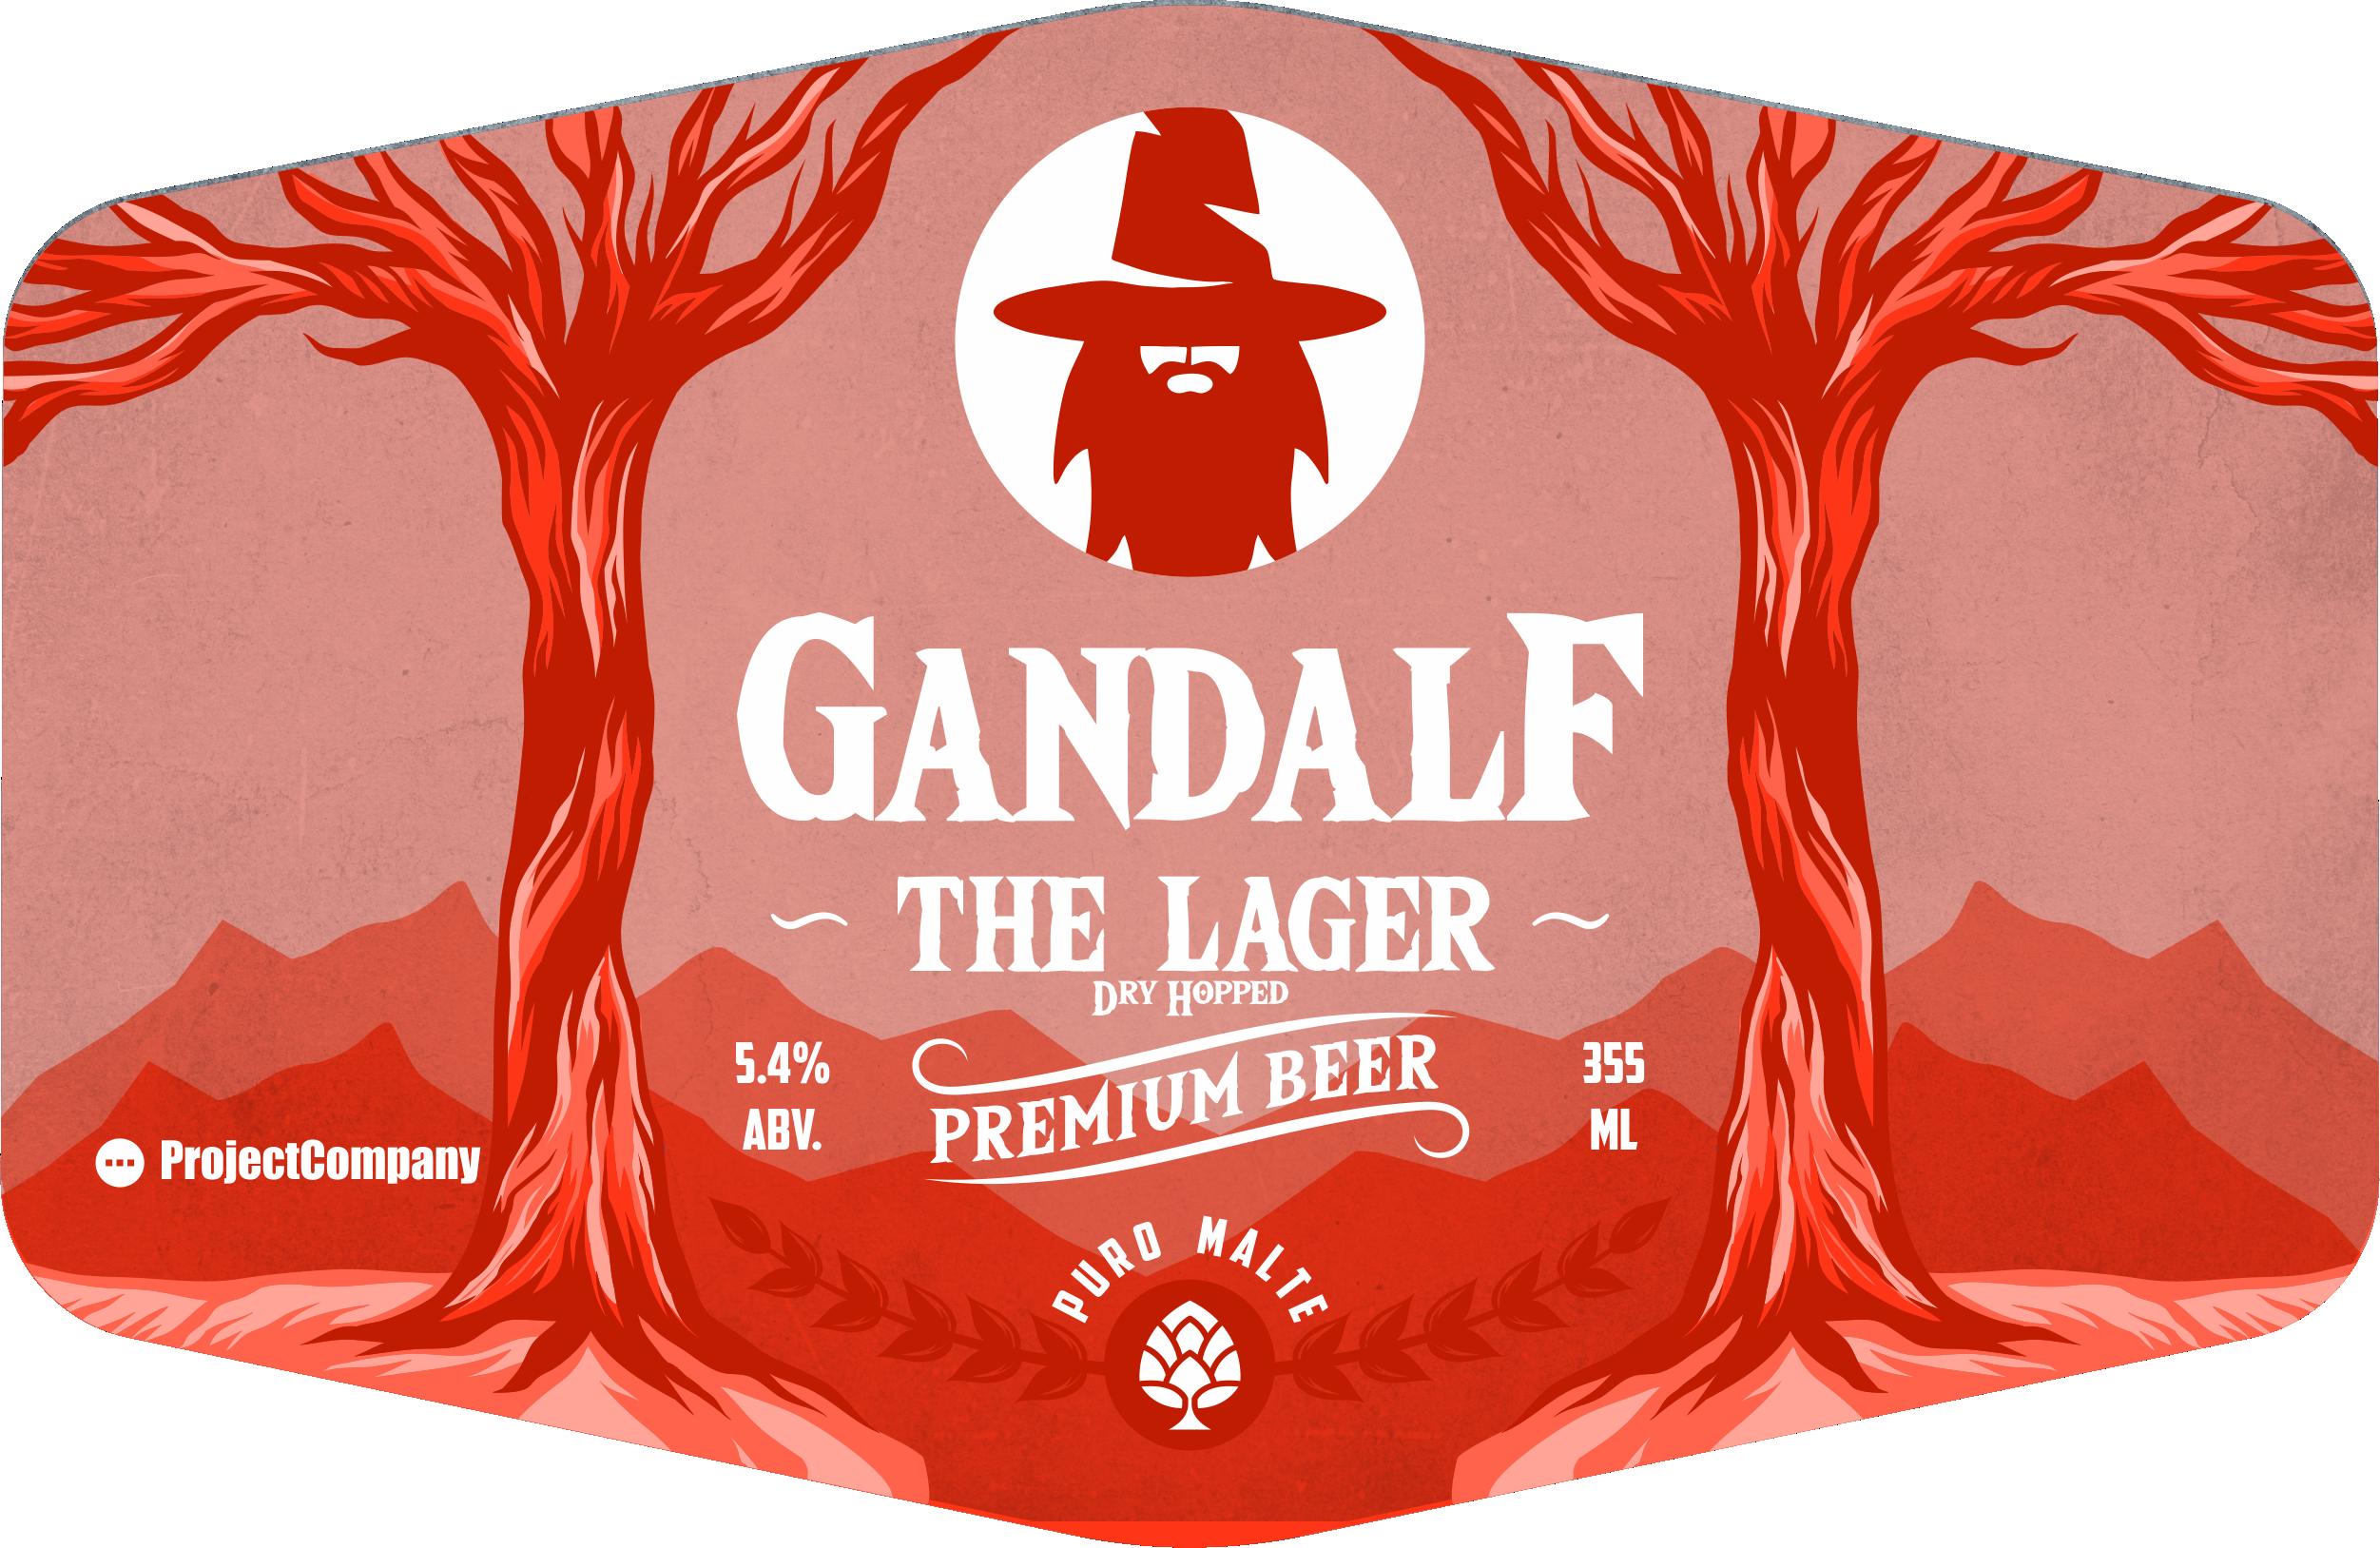 Gandalf Beer Lager - Dry Hopped